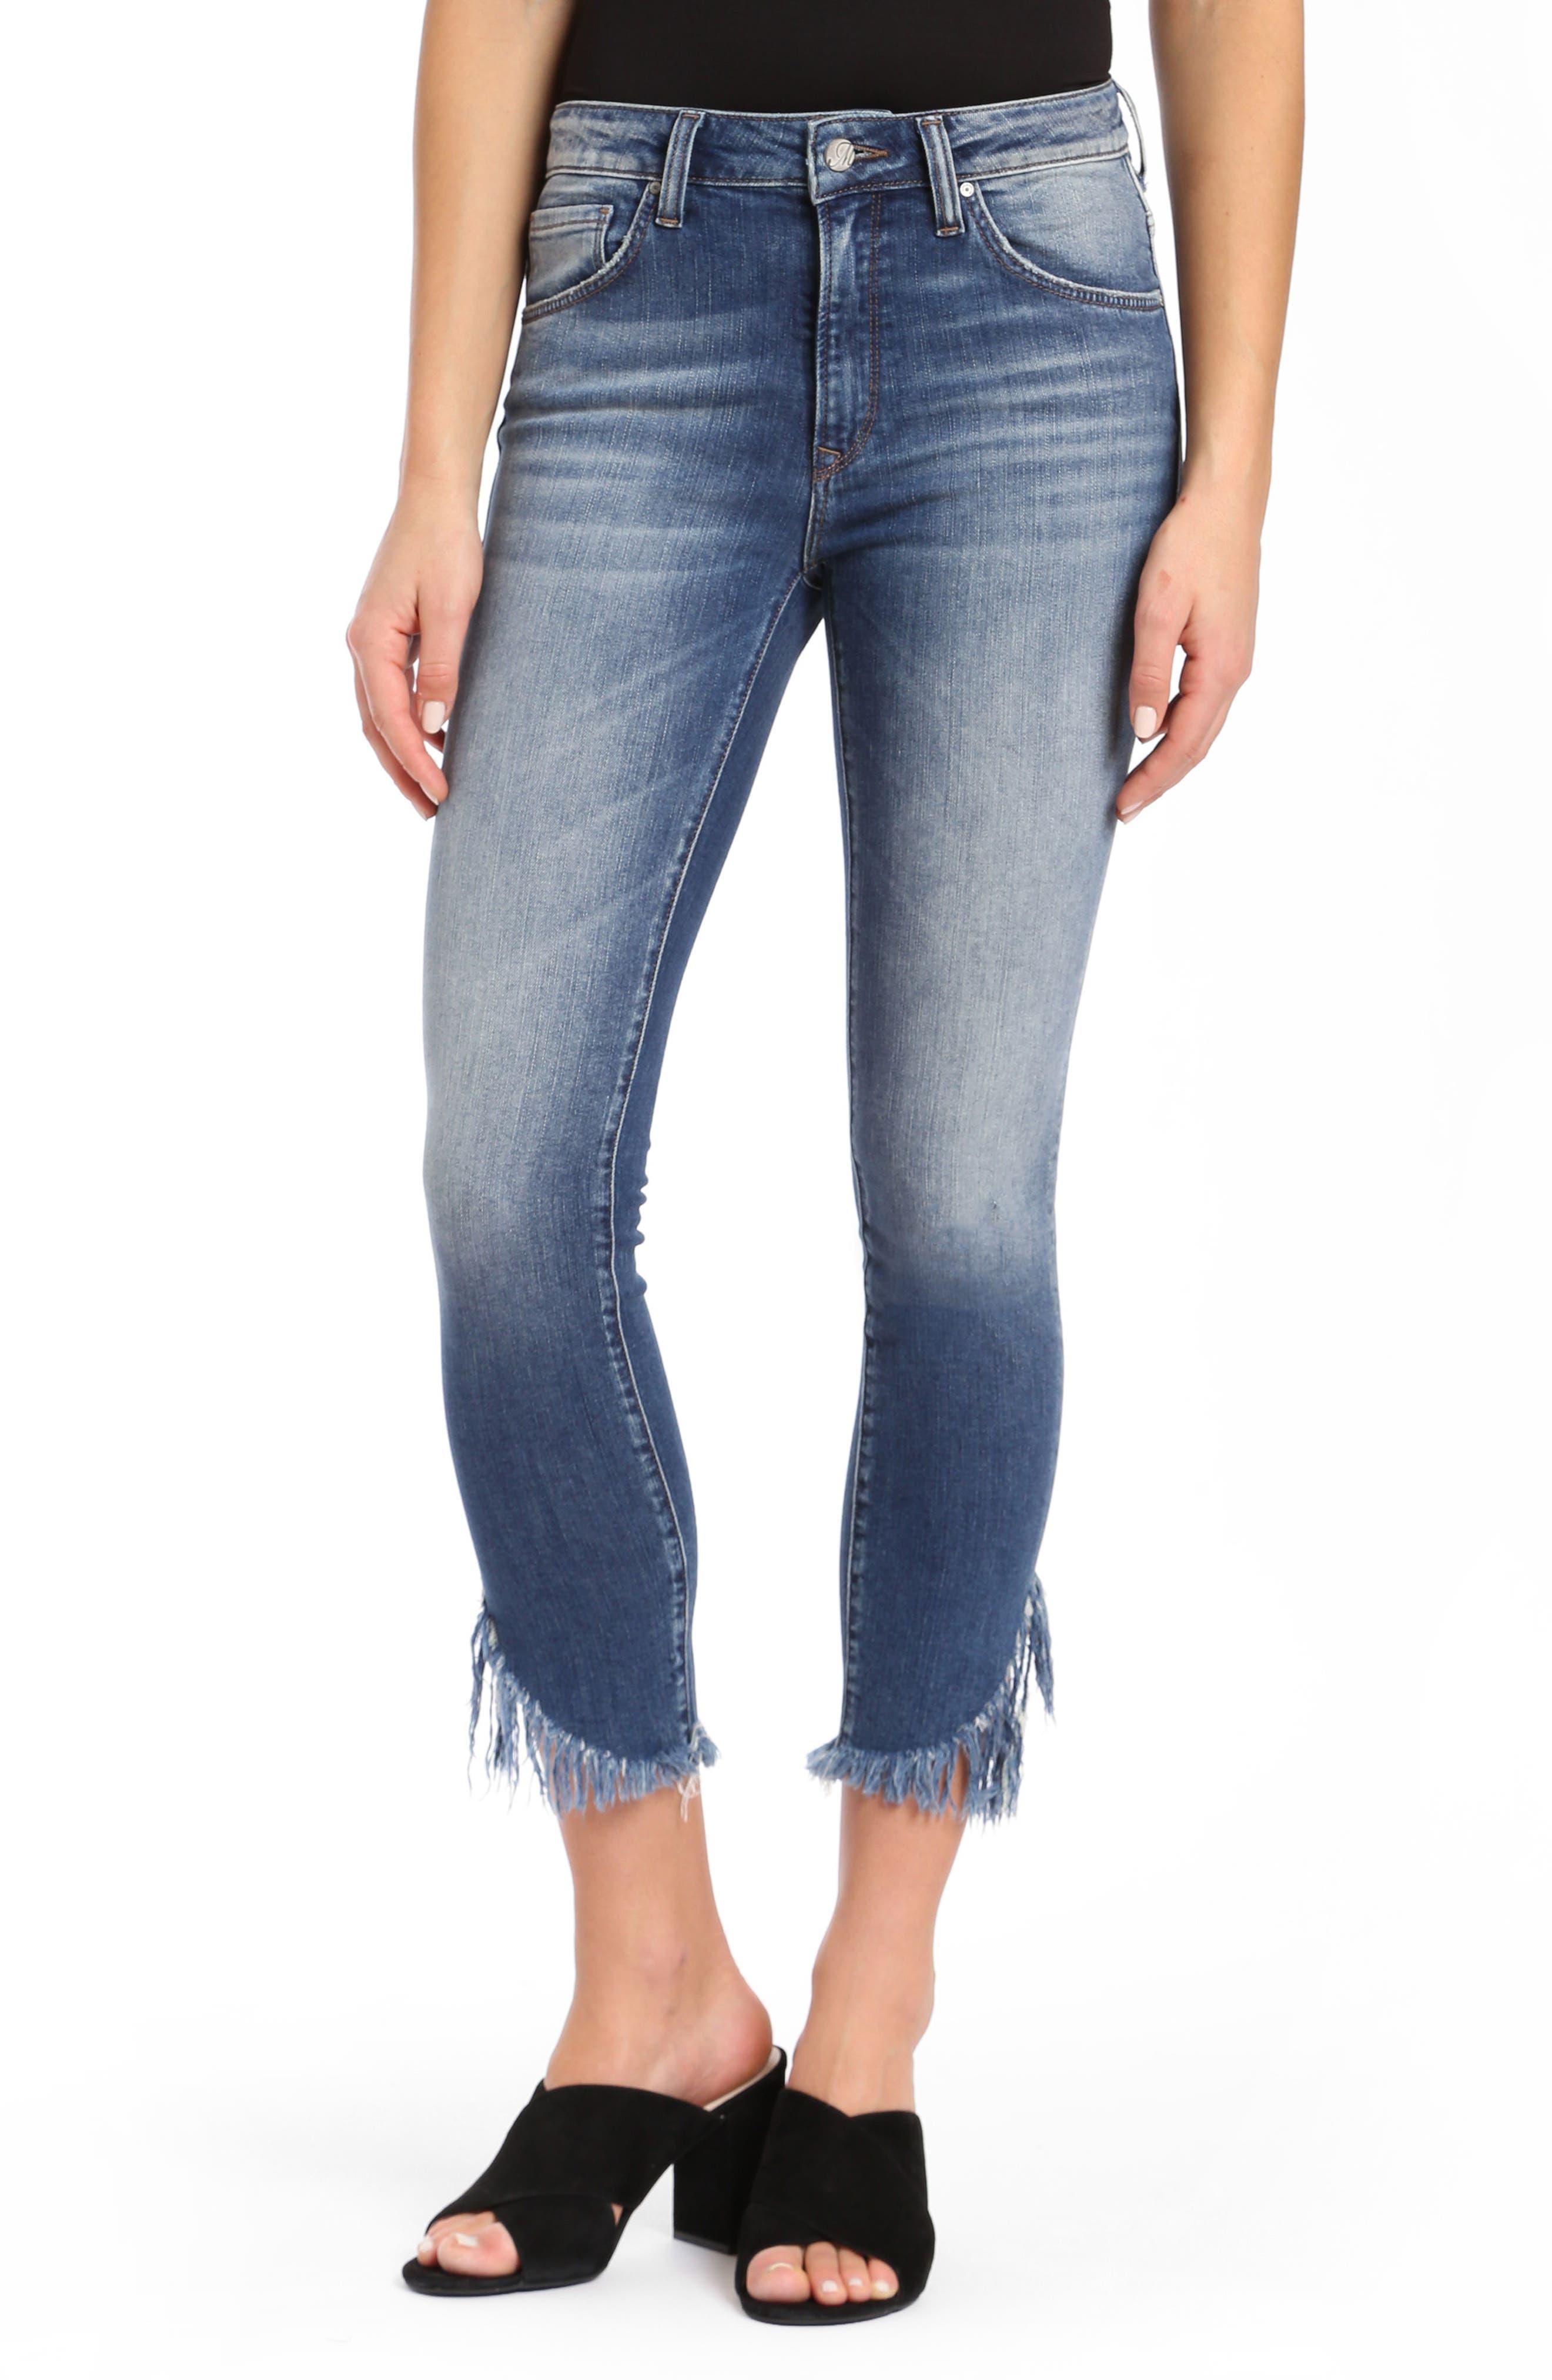 Mavi Jeans Tess Extreme Ripped Super Skinny Jeans (Vintage)